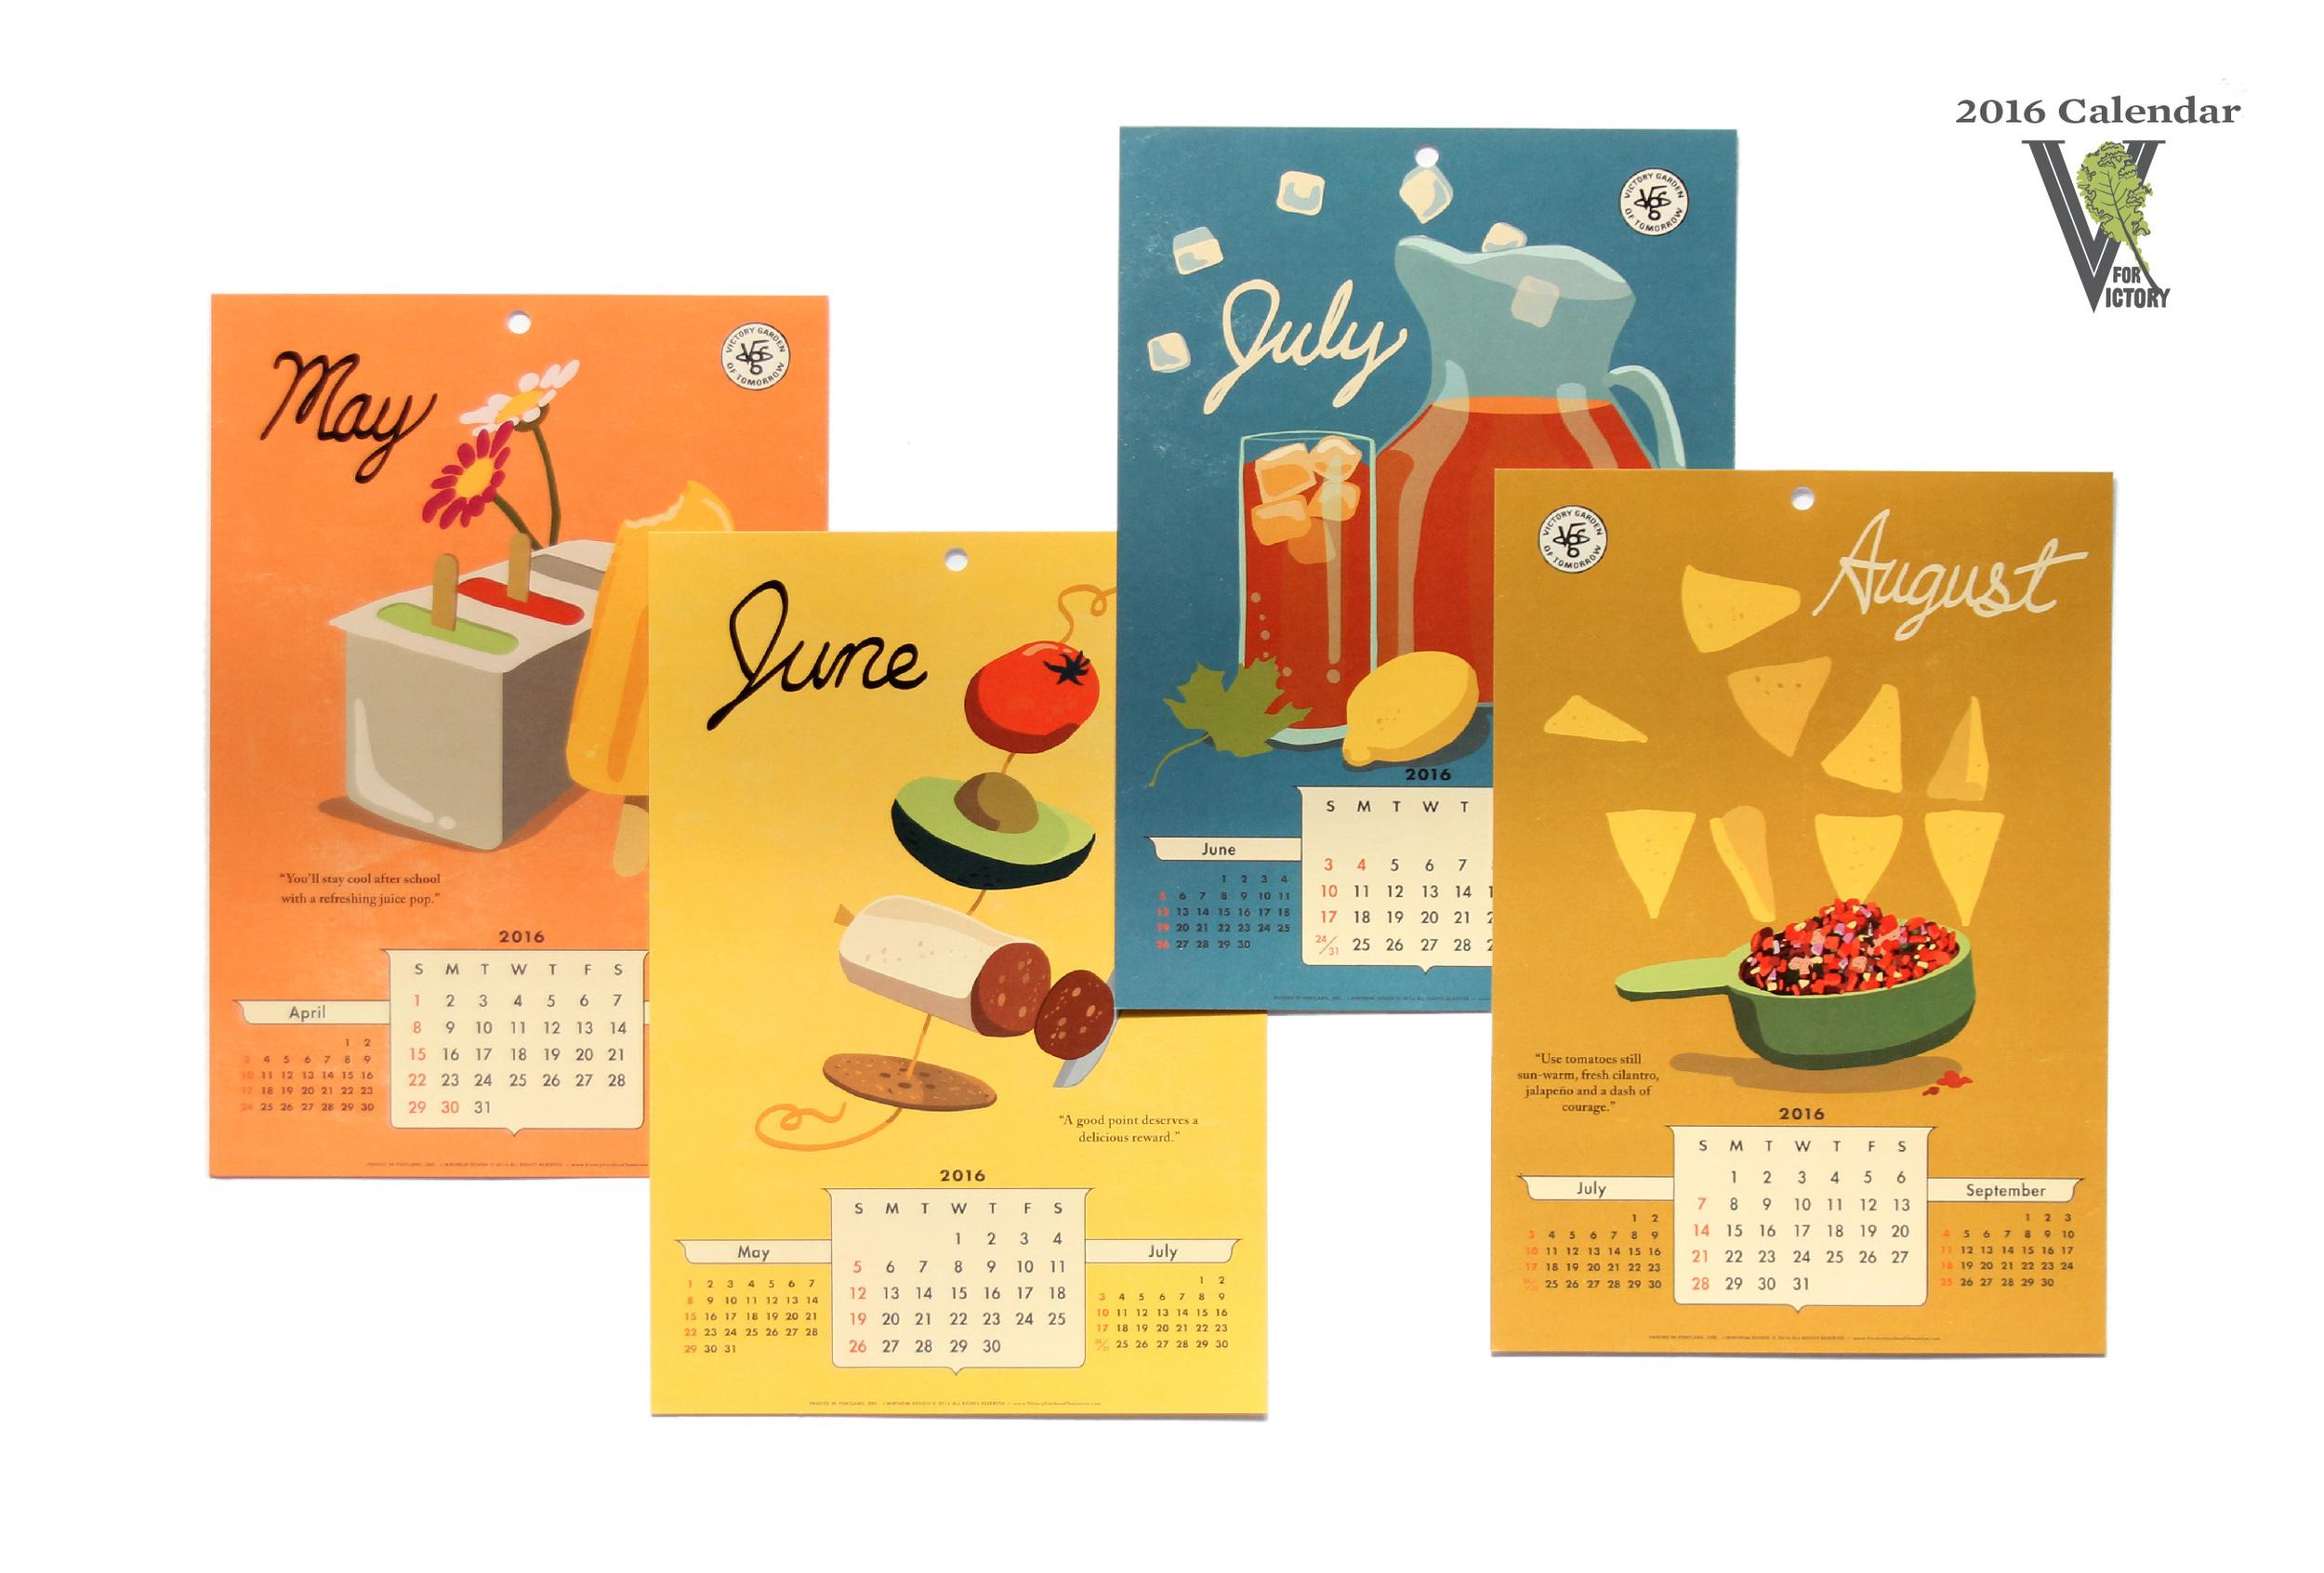 vgot-calendar-pages-22.jpg